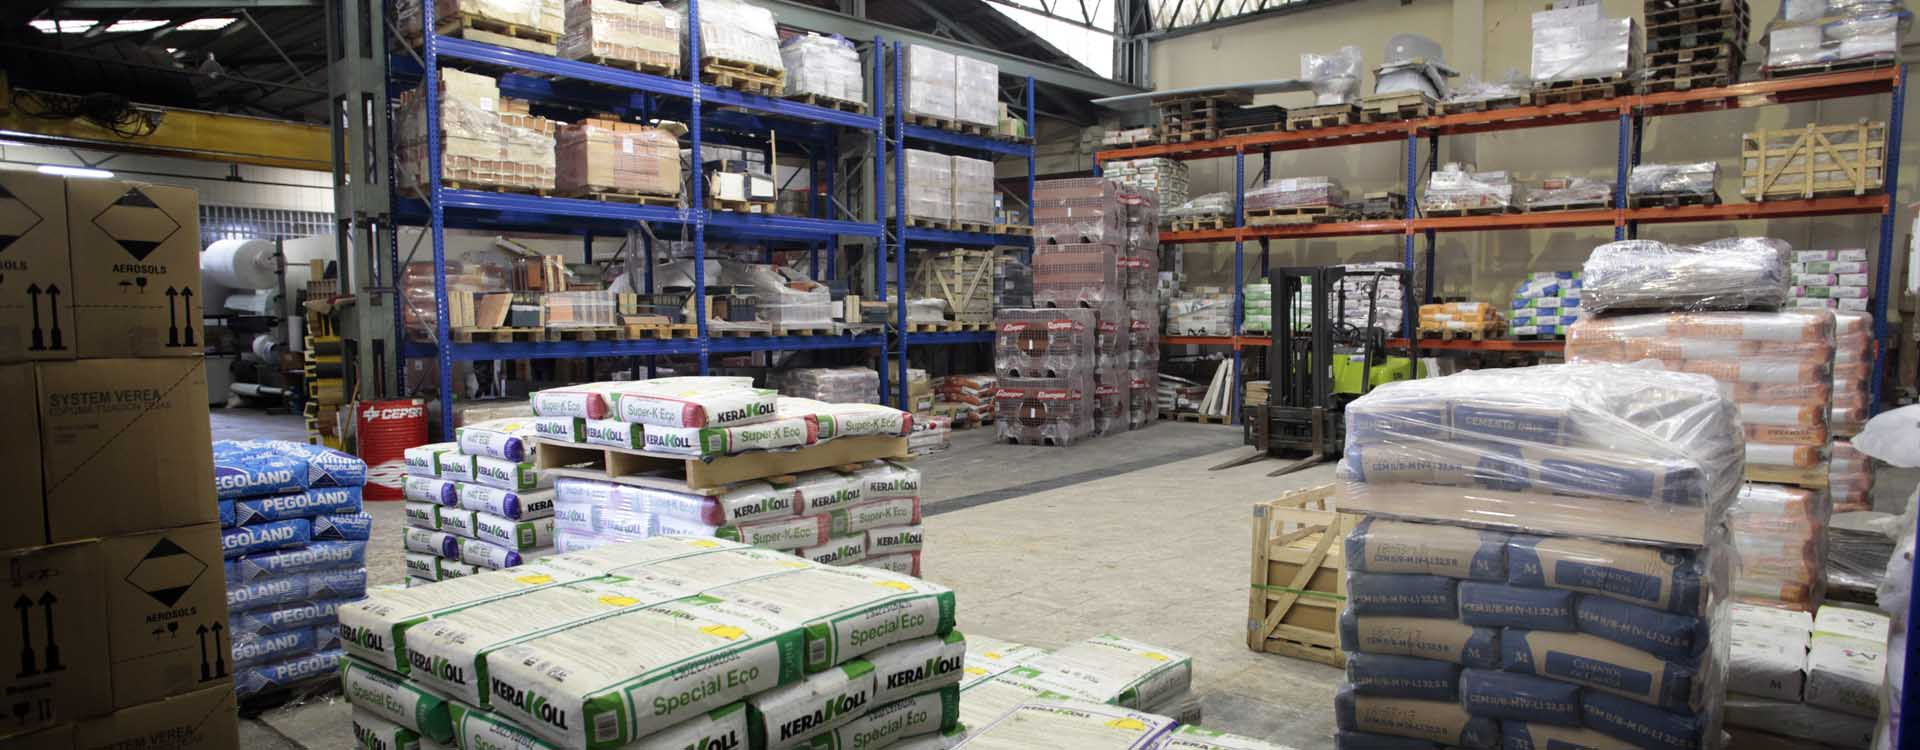 Nosotros materiales chacon - Empresas de materiales de construccion ...